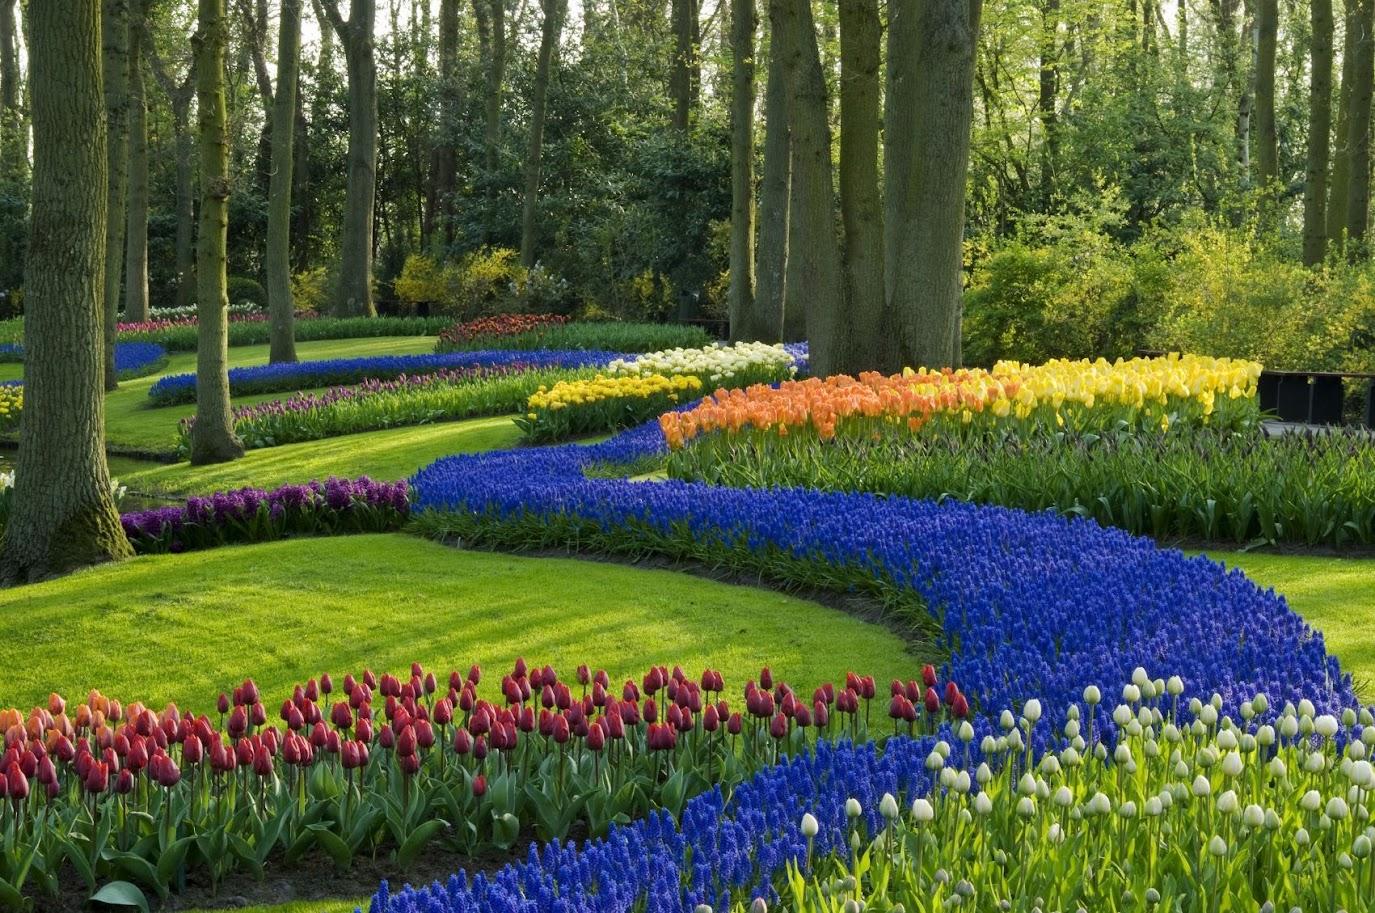 Φανταστείτε να είχαμε θεραπευτικούς κήπους στα νοσοκομεία